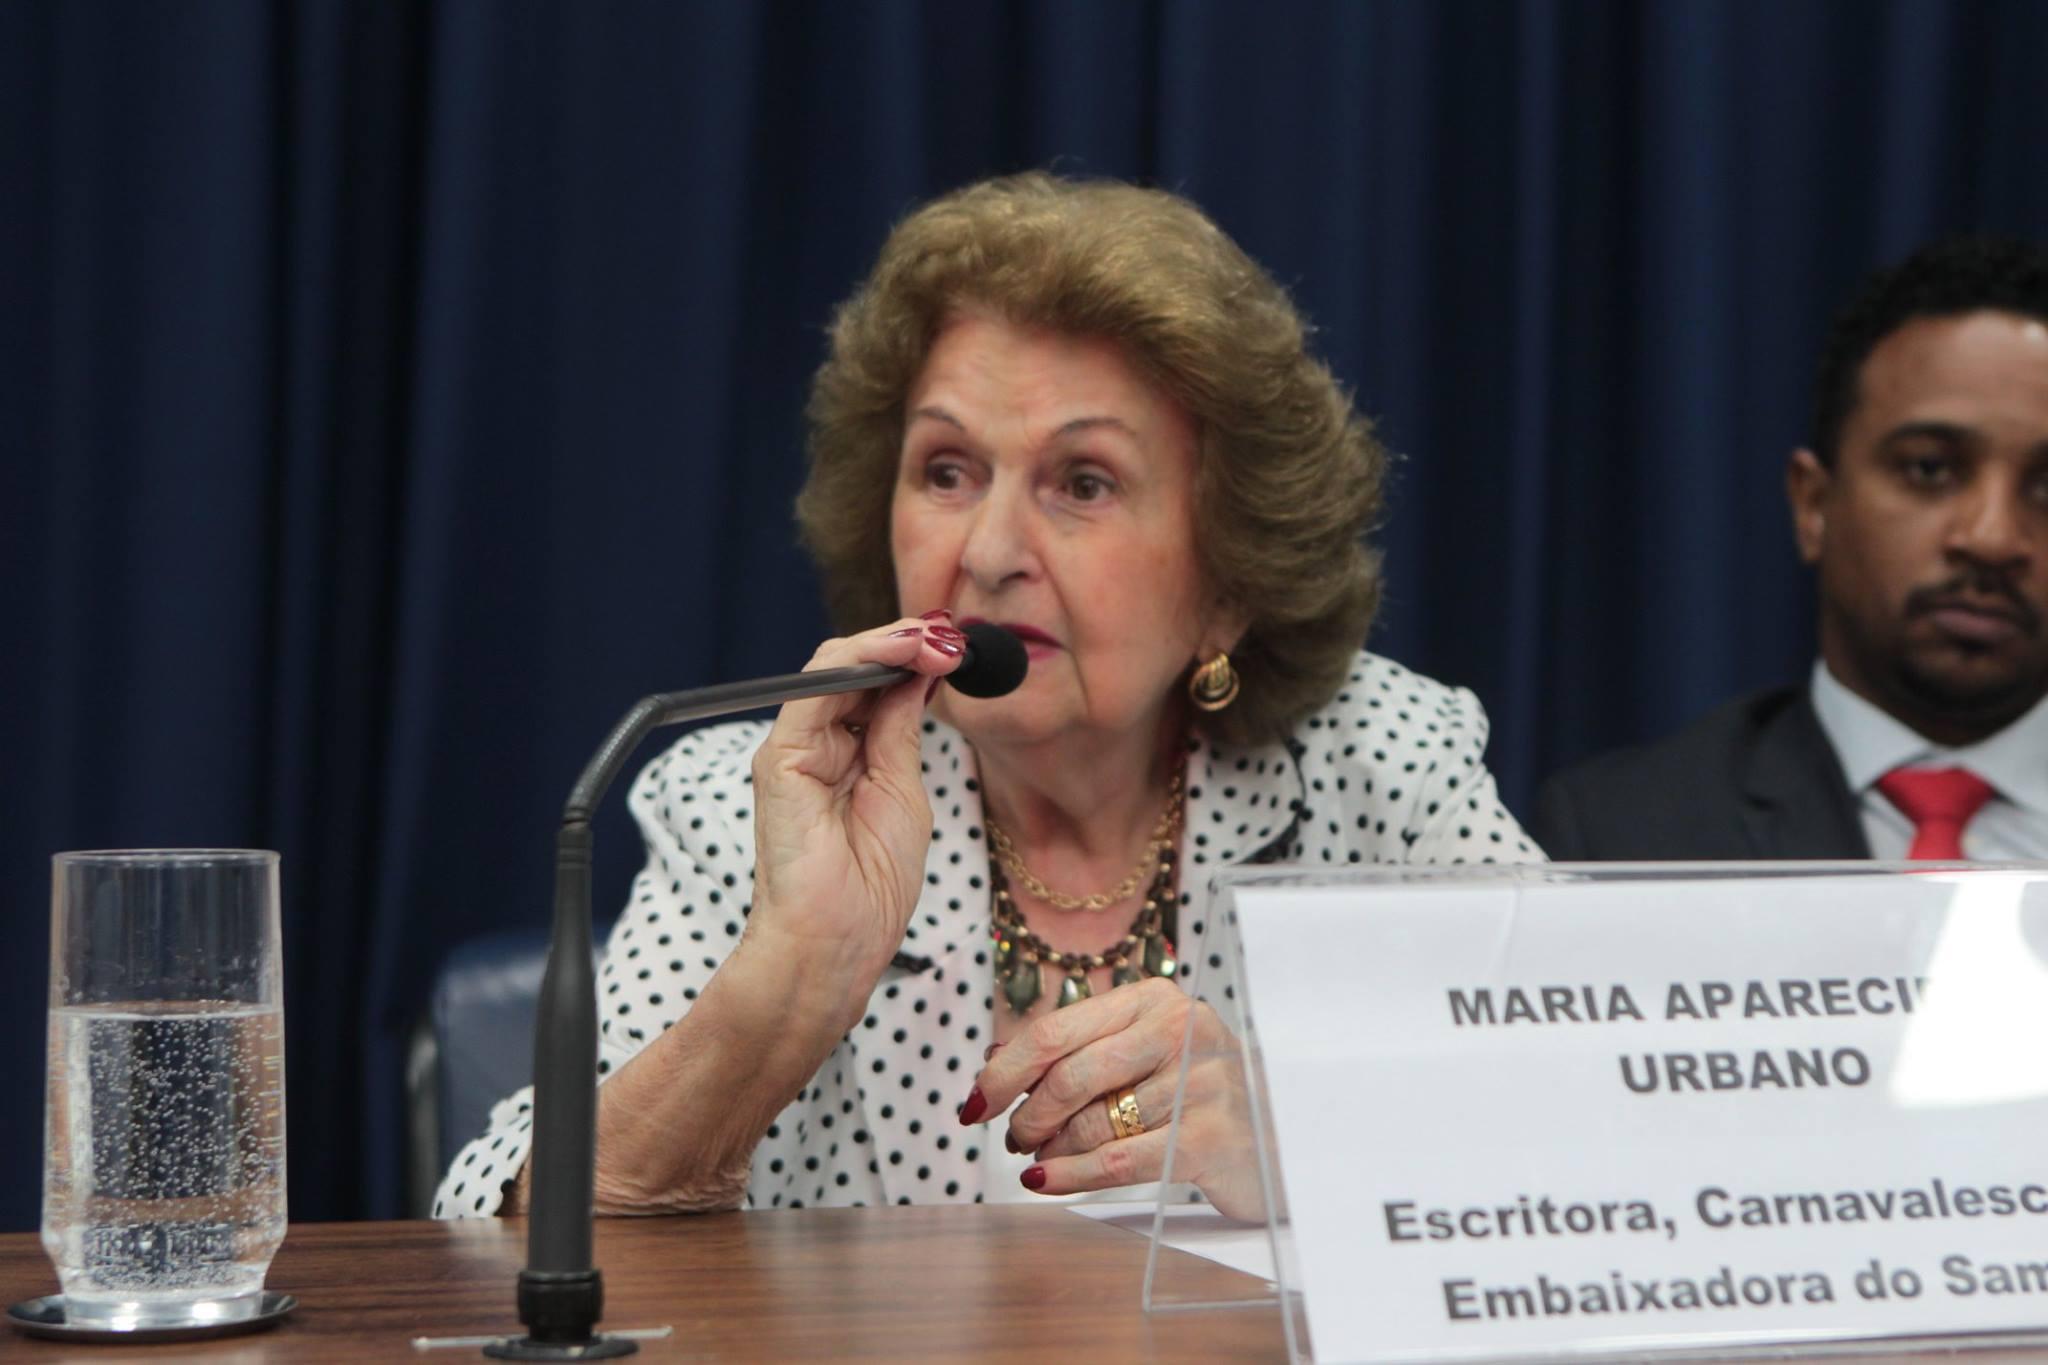 Maria Apparecida Urbano prestigia posse das Imperatrizes do Samba. Foto: Divulgação